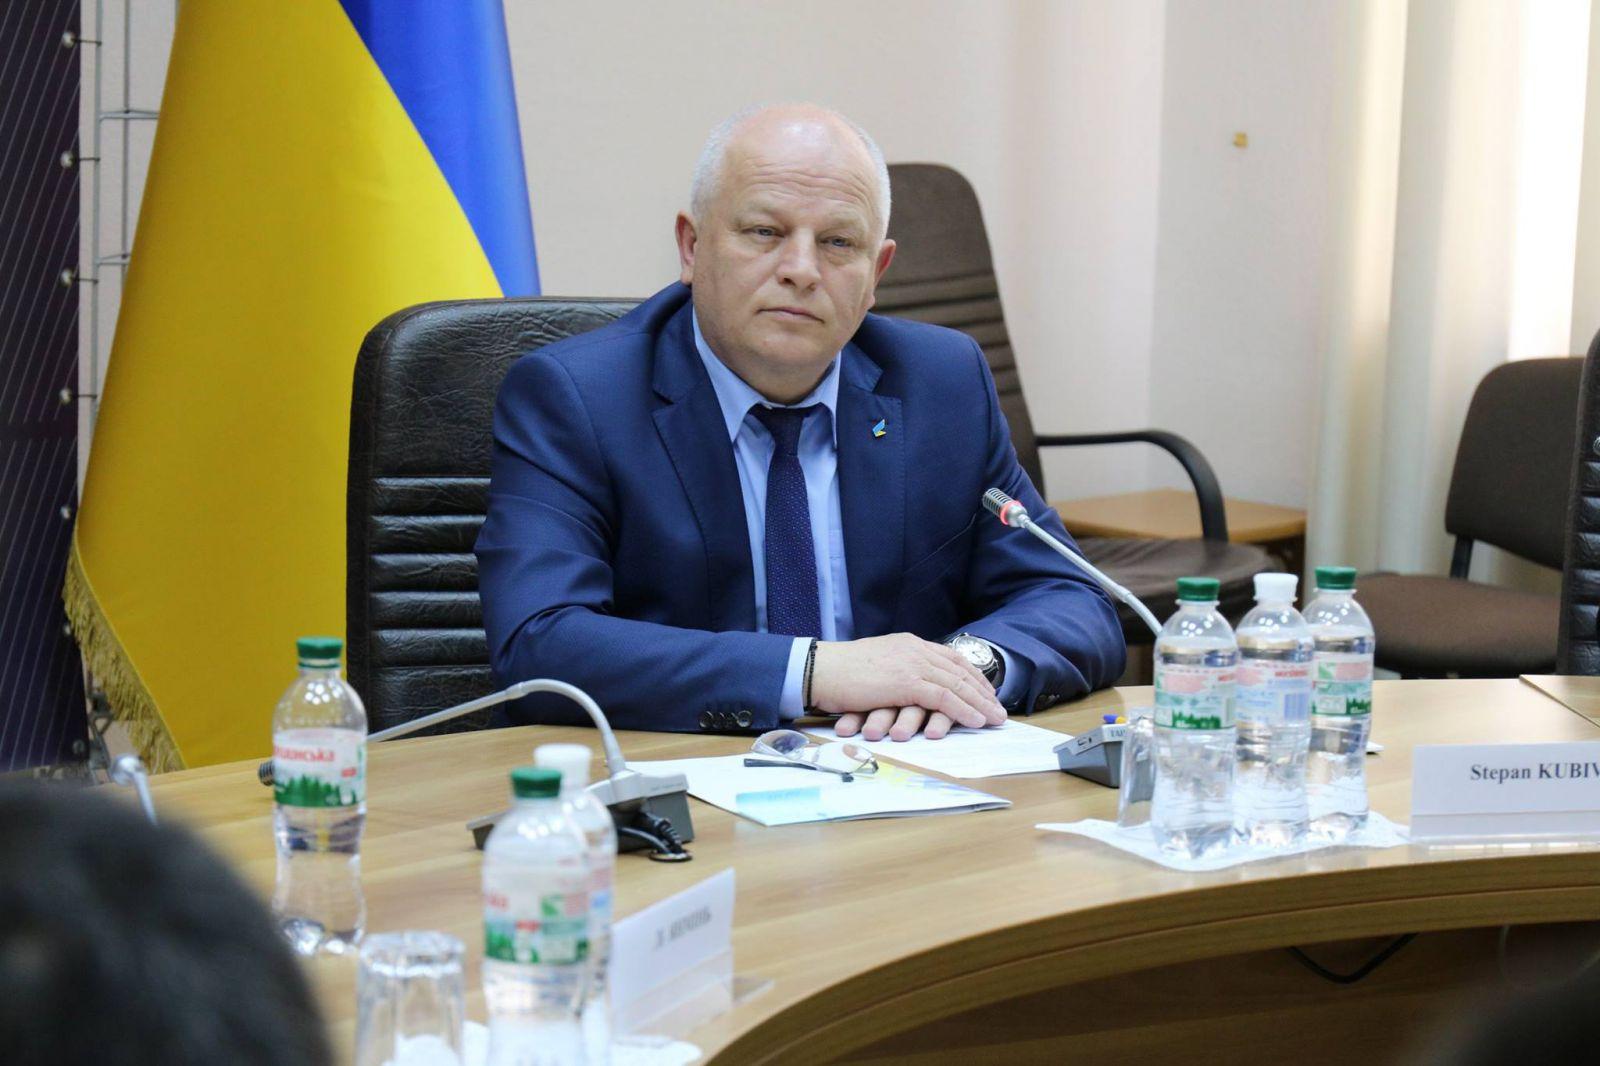 От Турчинова до Пашинского. Кто из украинских политиков сделал карьеру в комсомоле